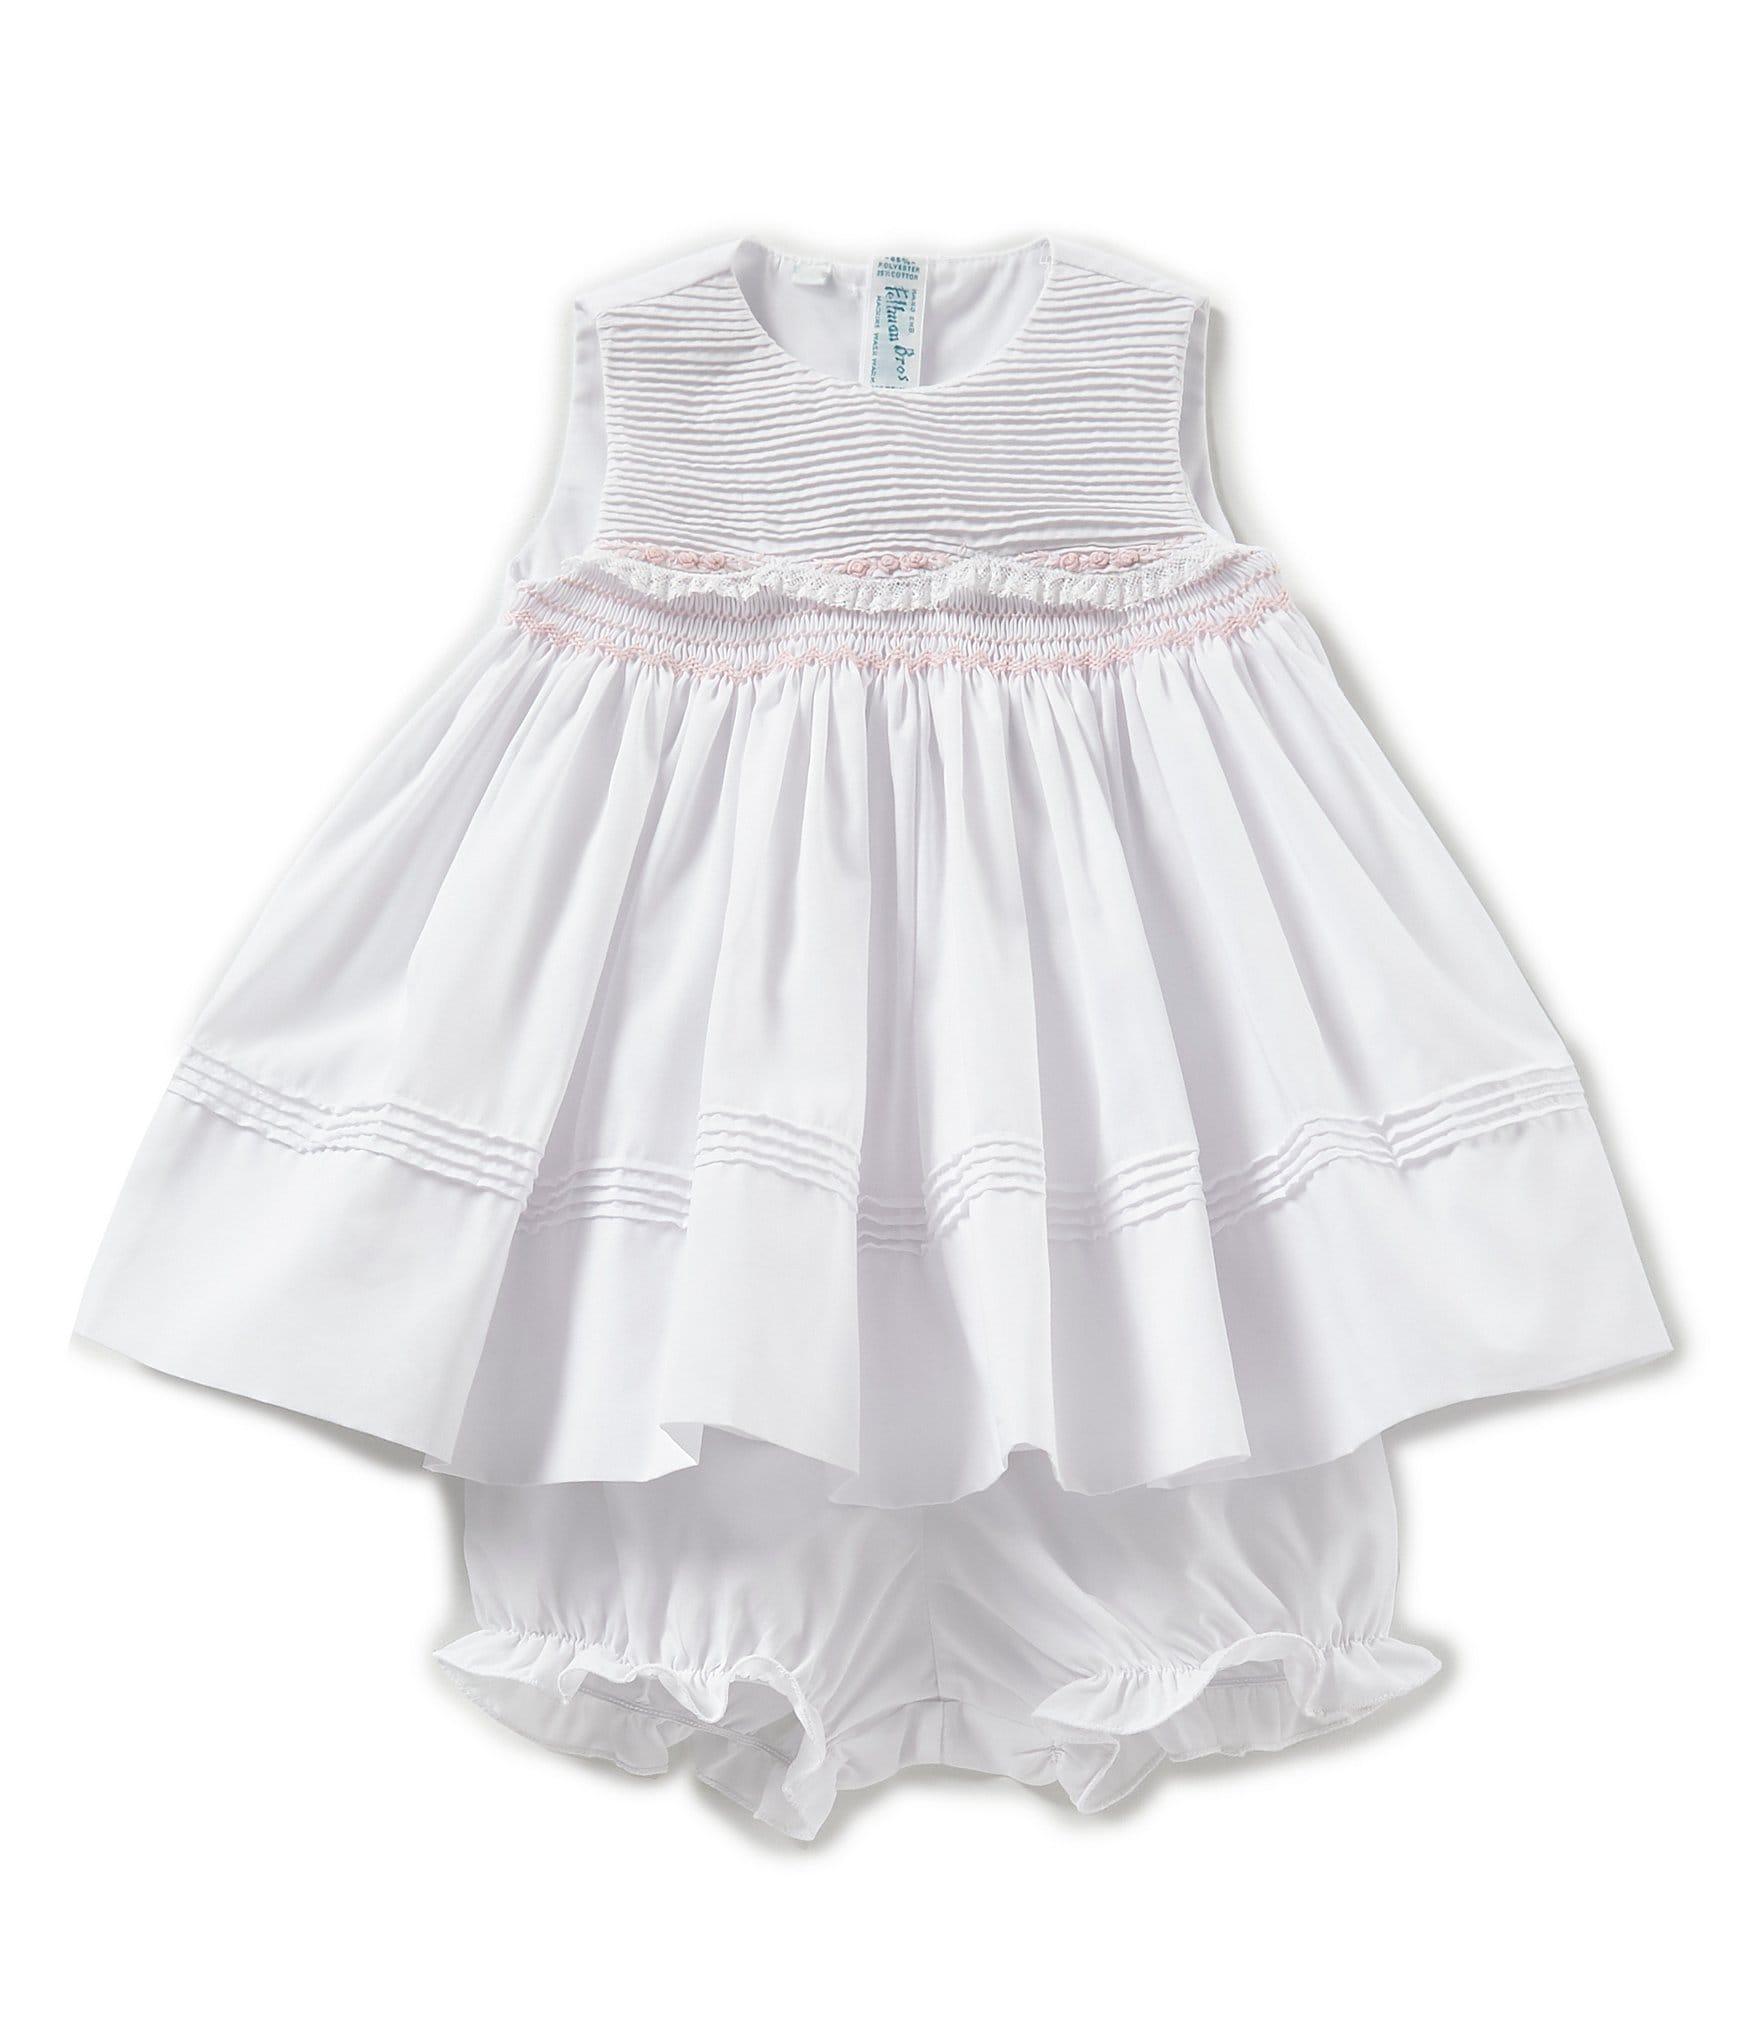 0999f123729d White Baby Girl Dresses | Dillard's